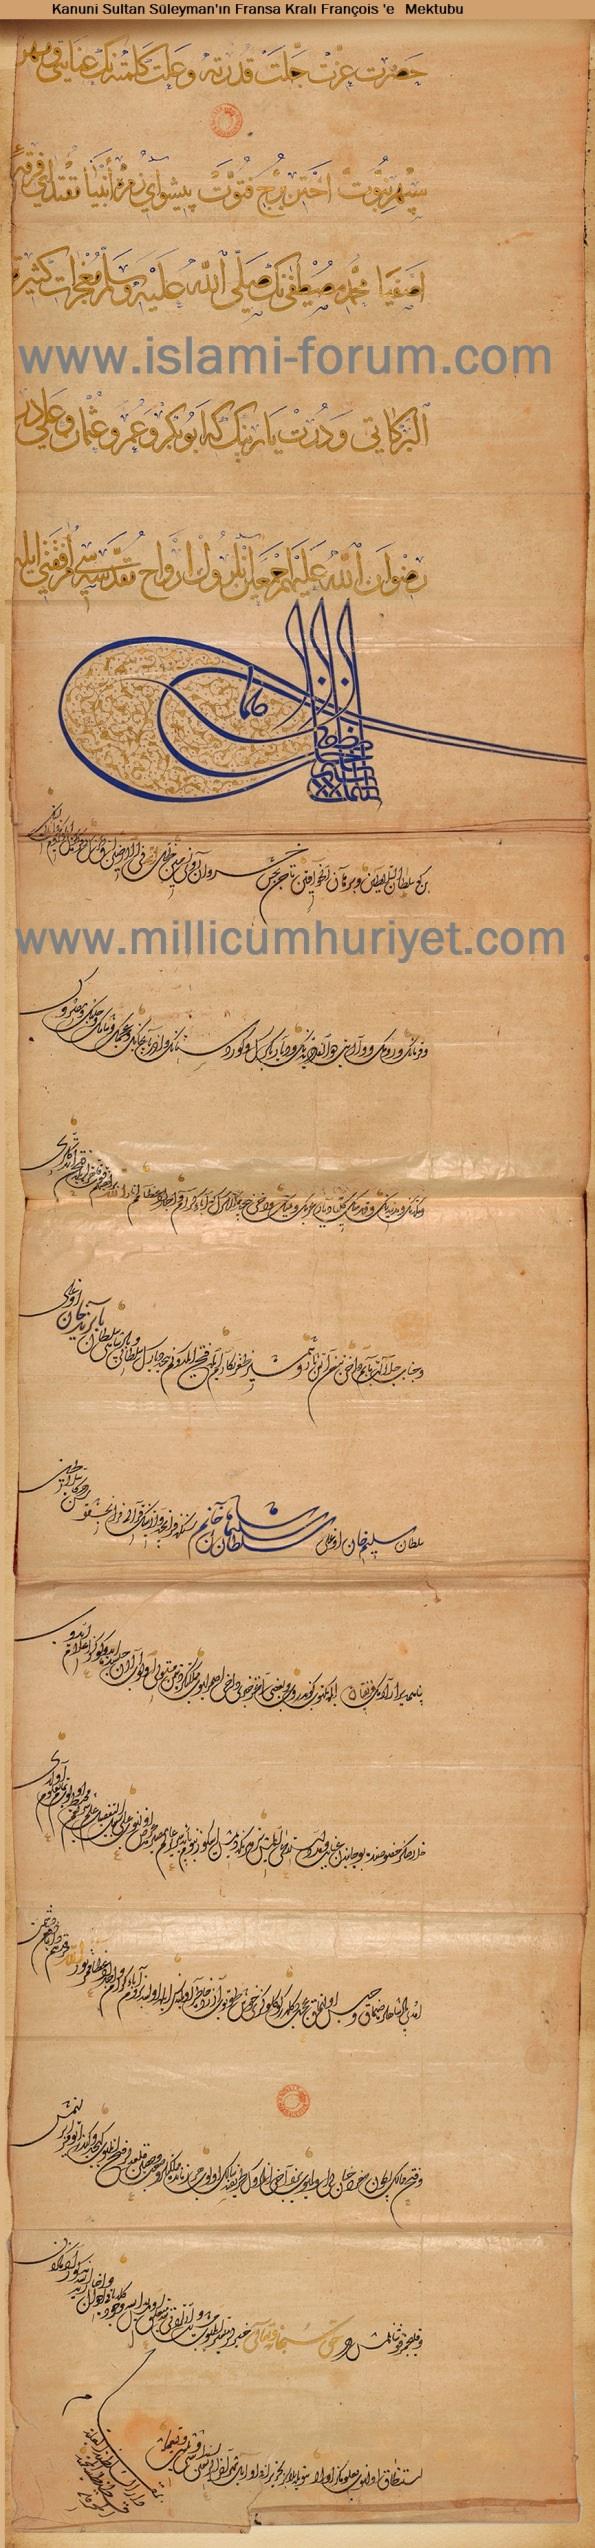 kanuni-mektup2